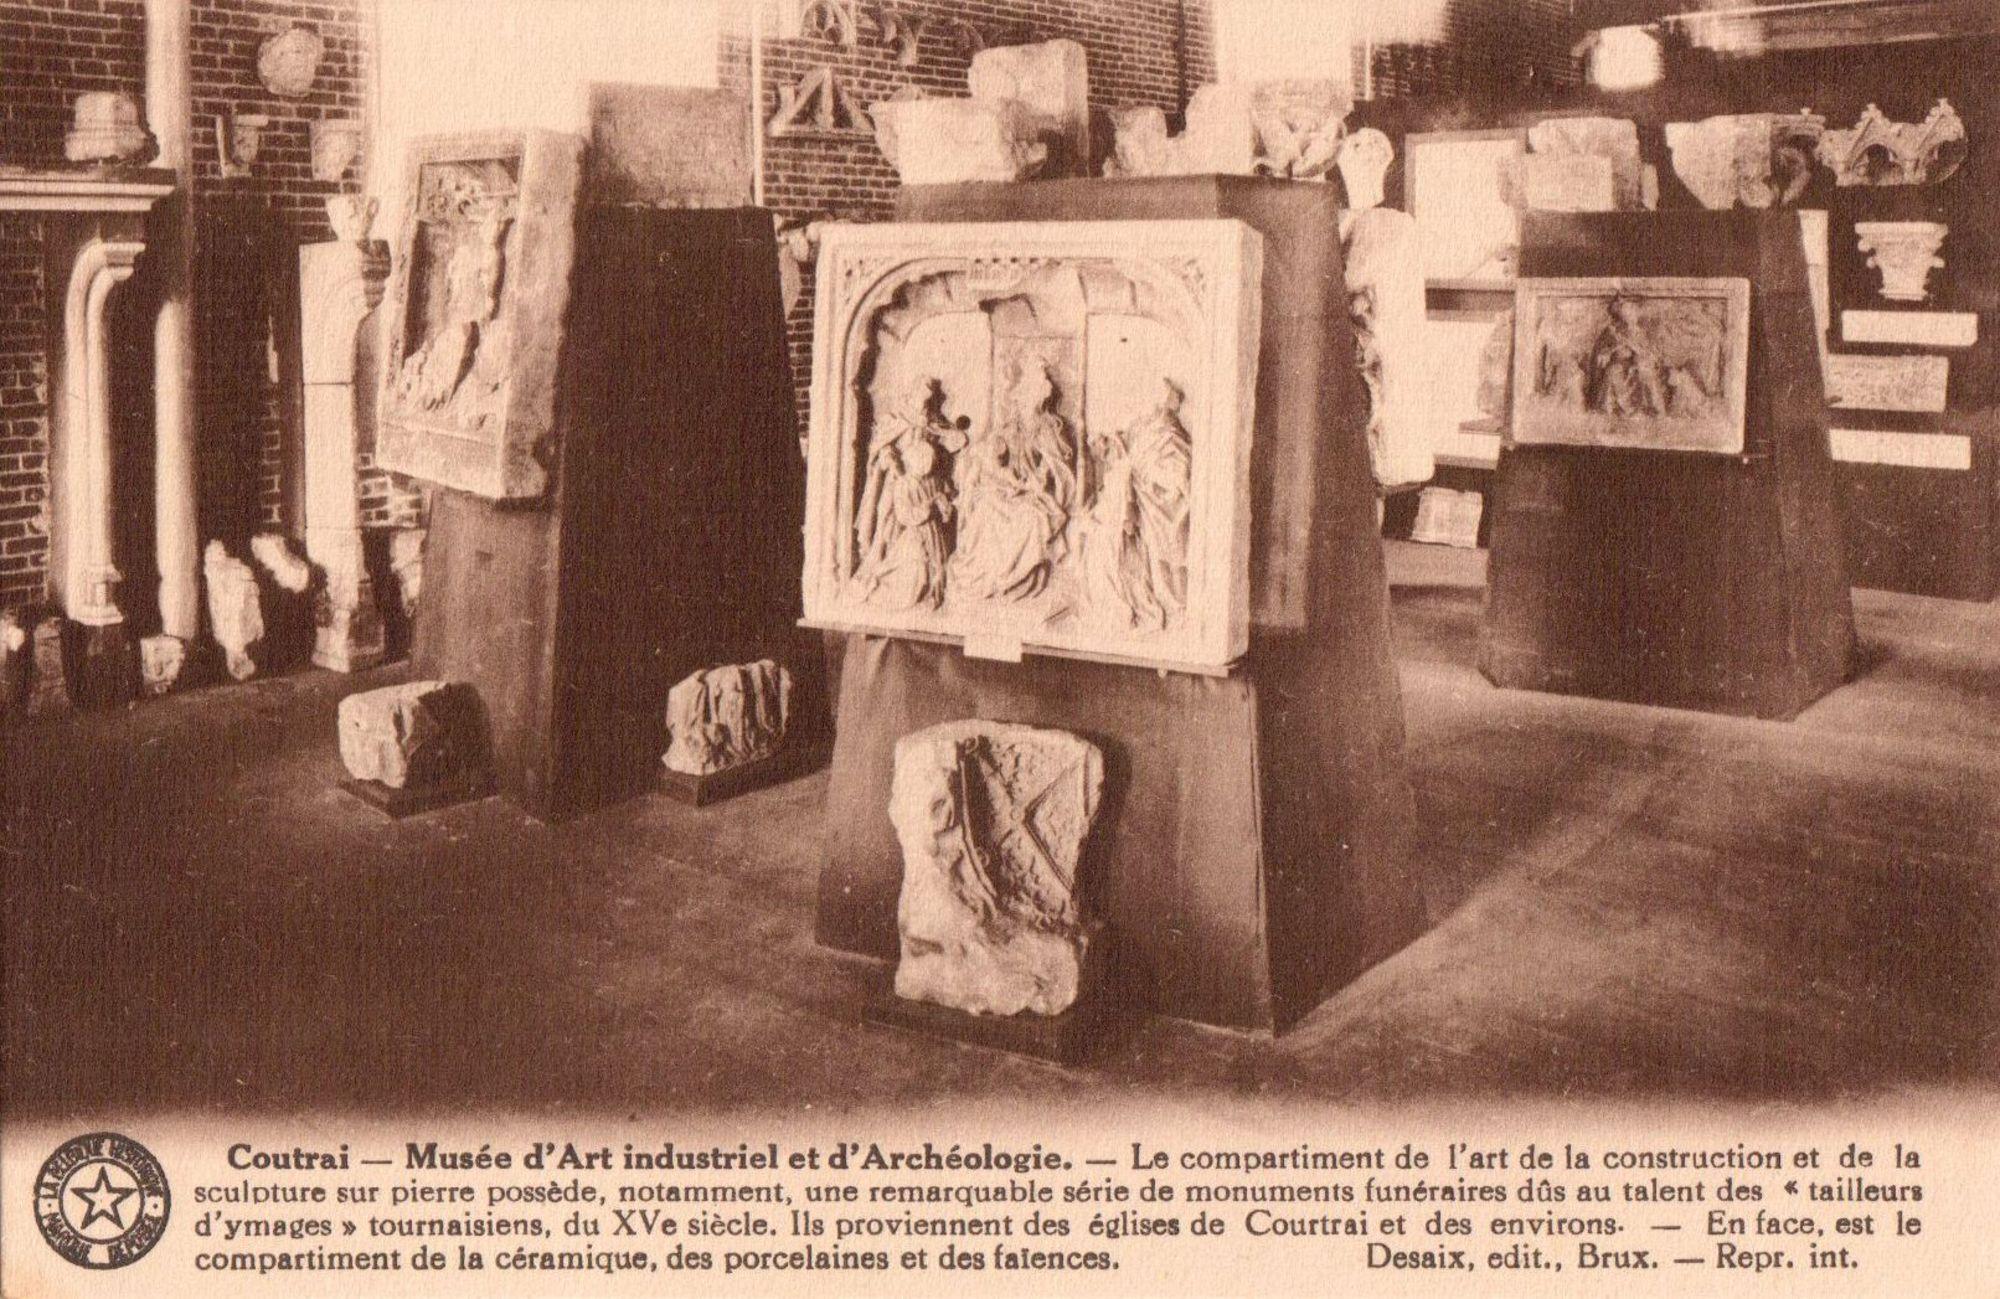 Musée d'Art industriel et d'Archéologie